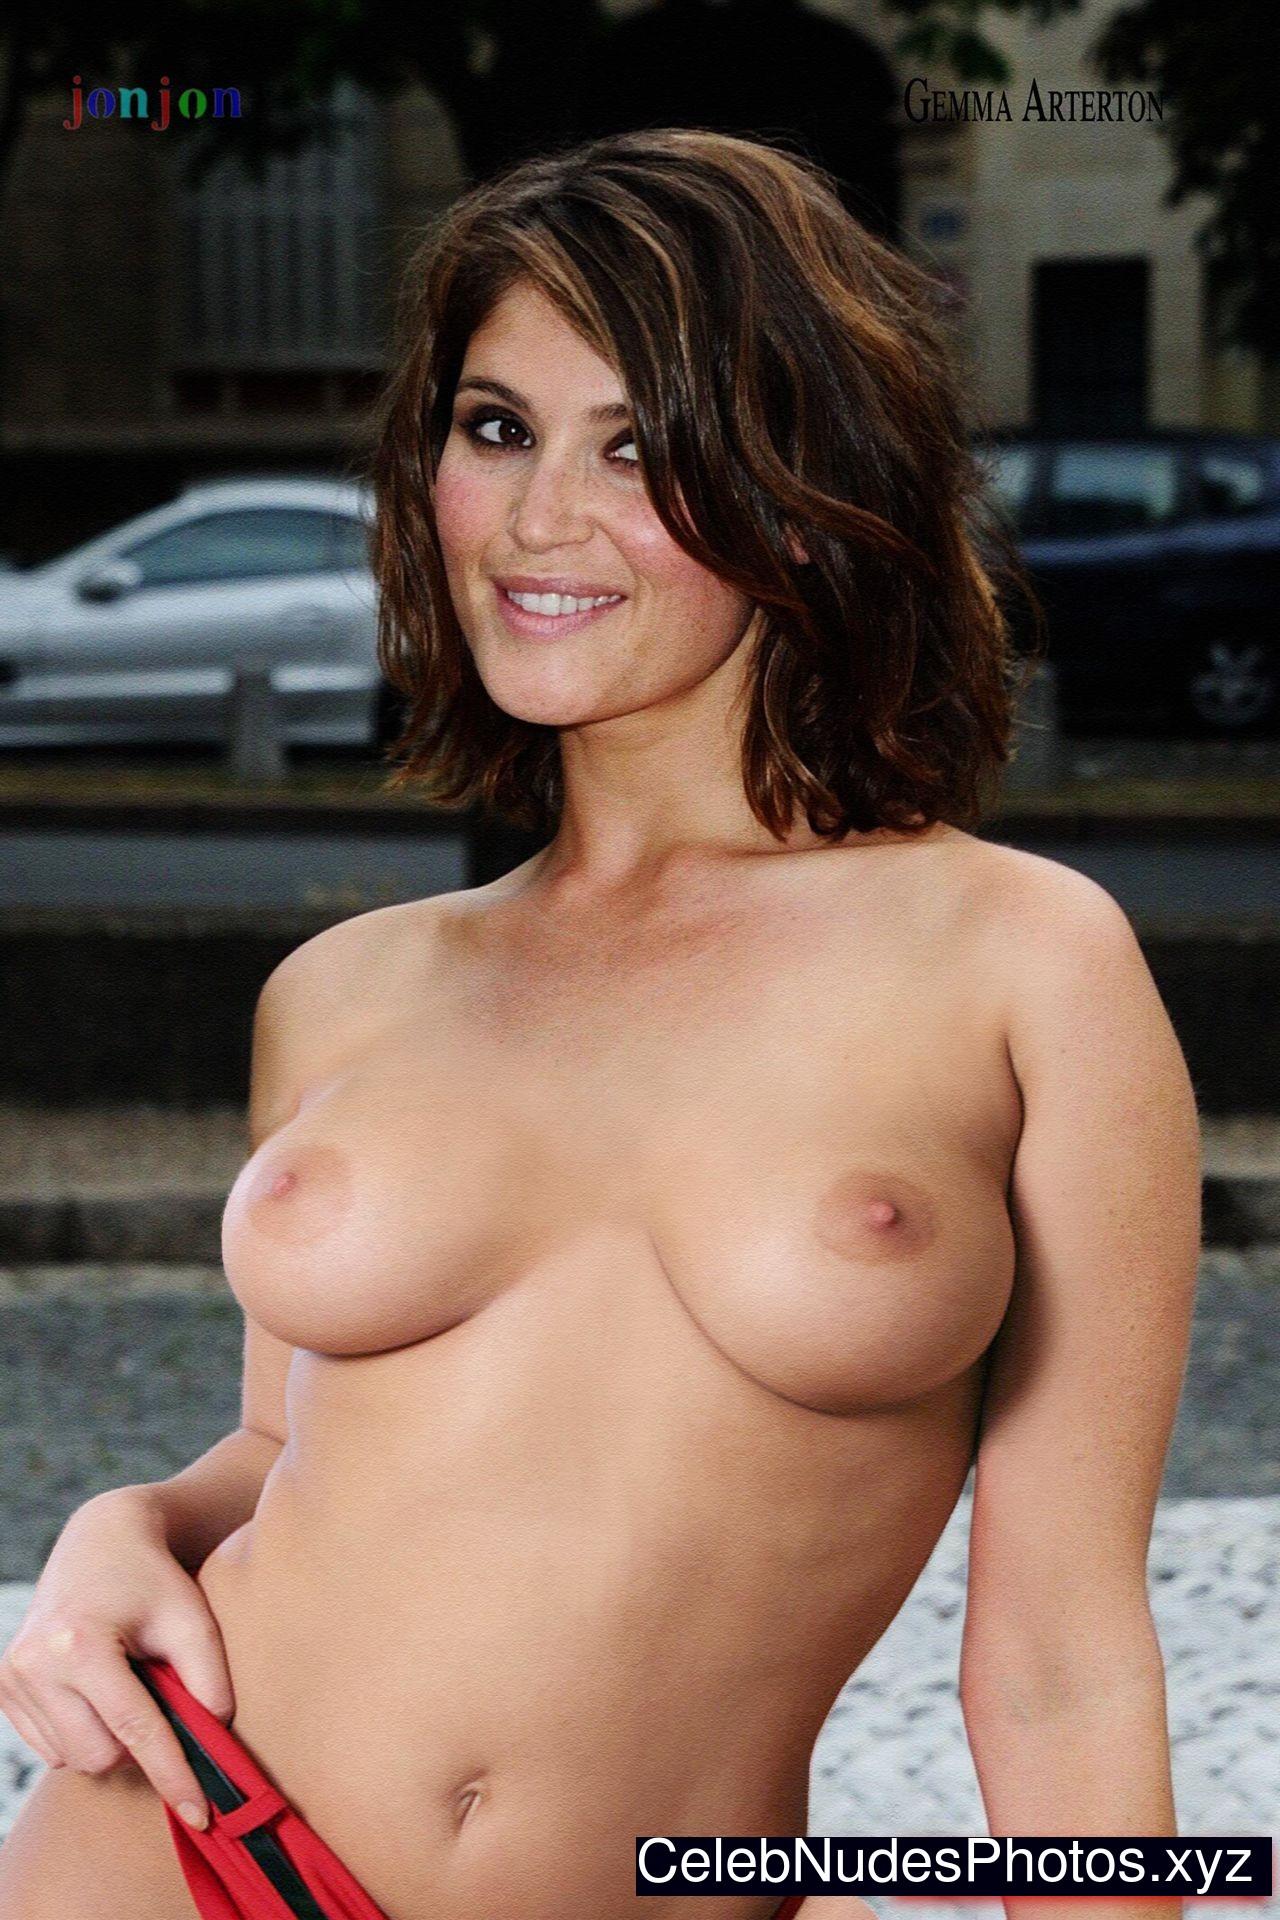 gemma arterton nude pictures